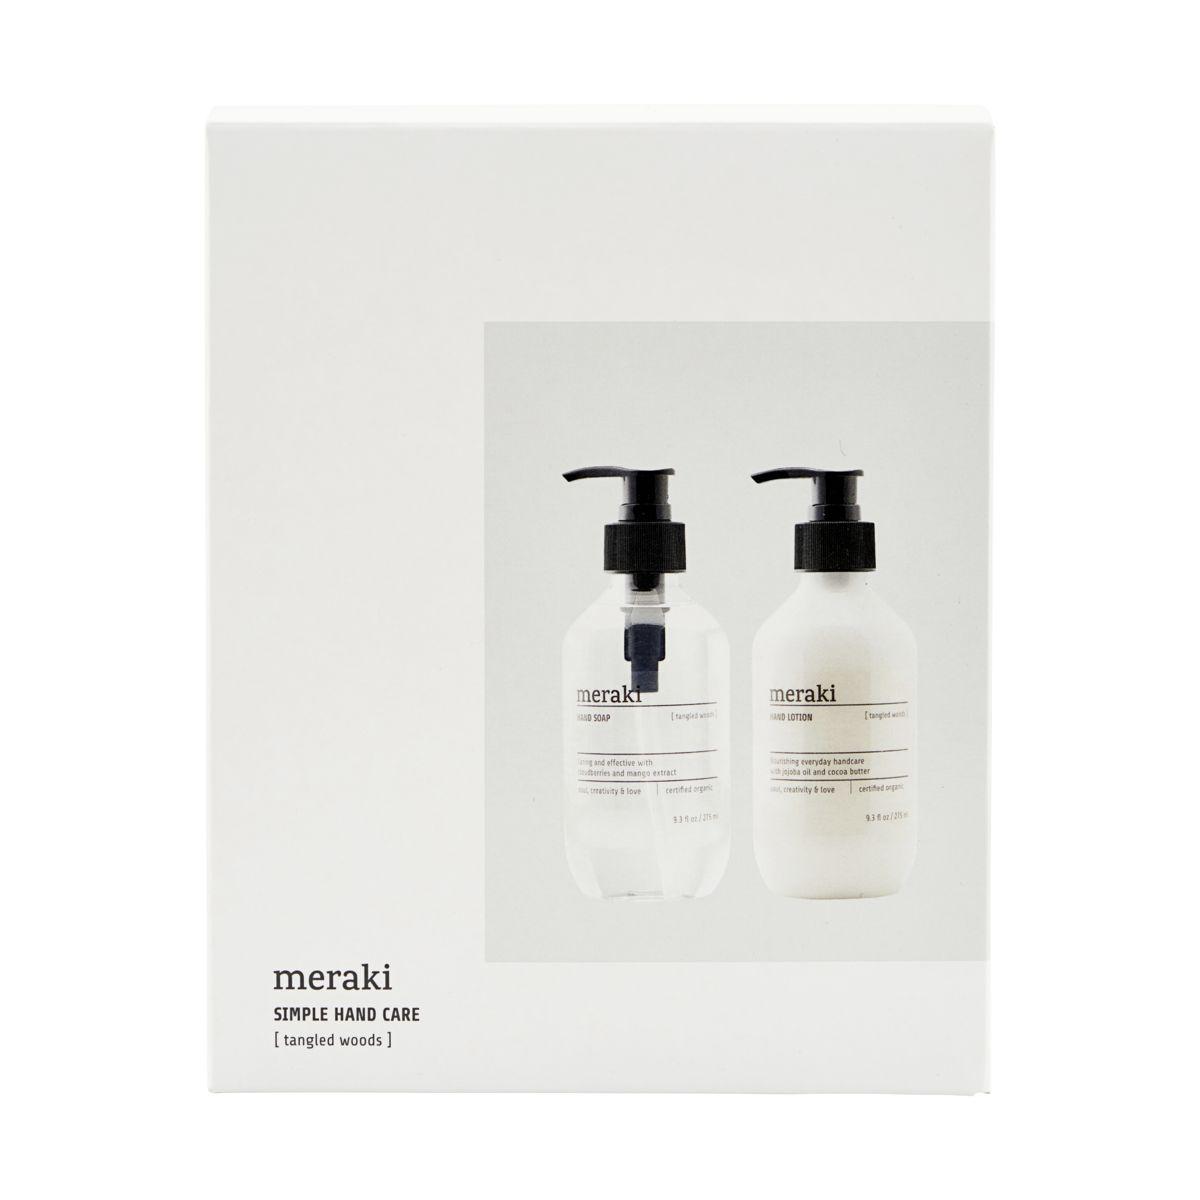 Caja regalo Meraki - Tangled Woods - Meraki - jabon - hidratante manos - hidratante (1)